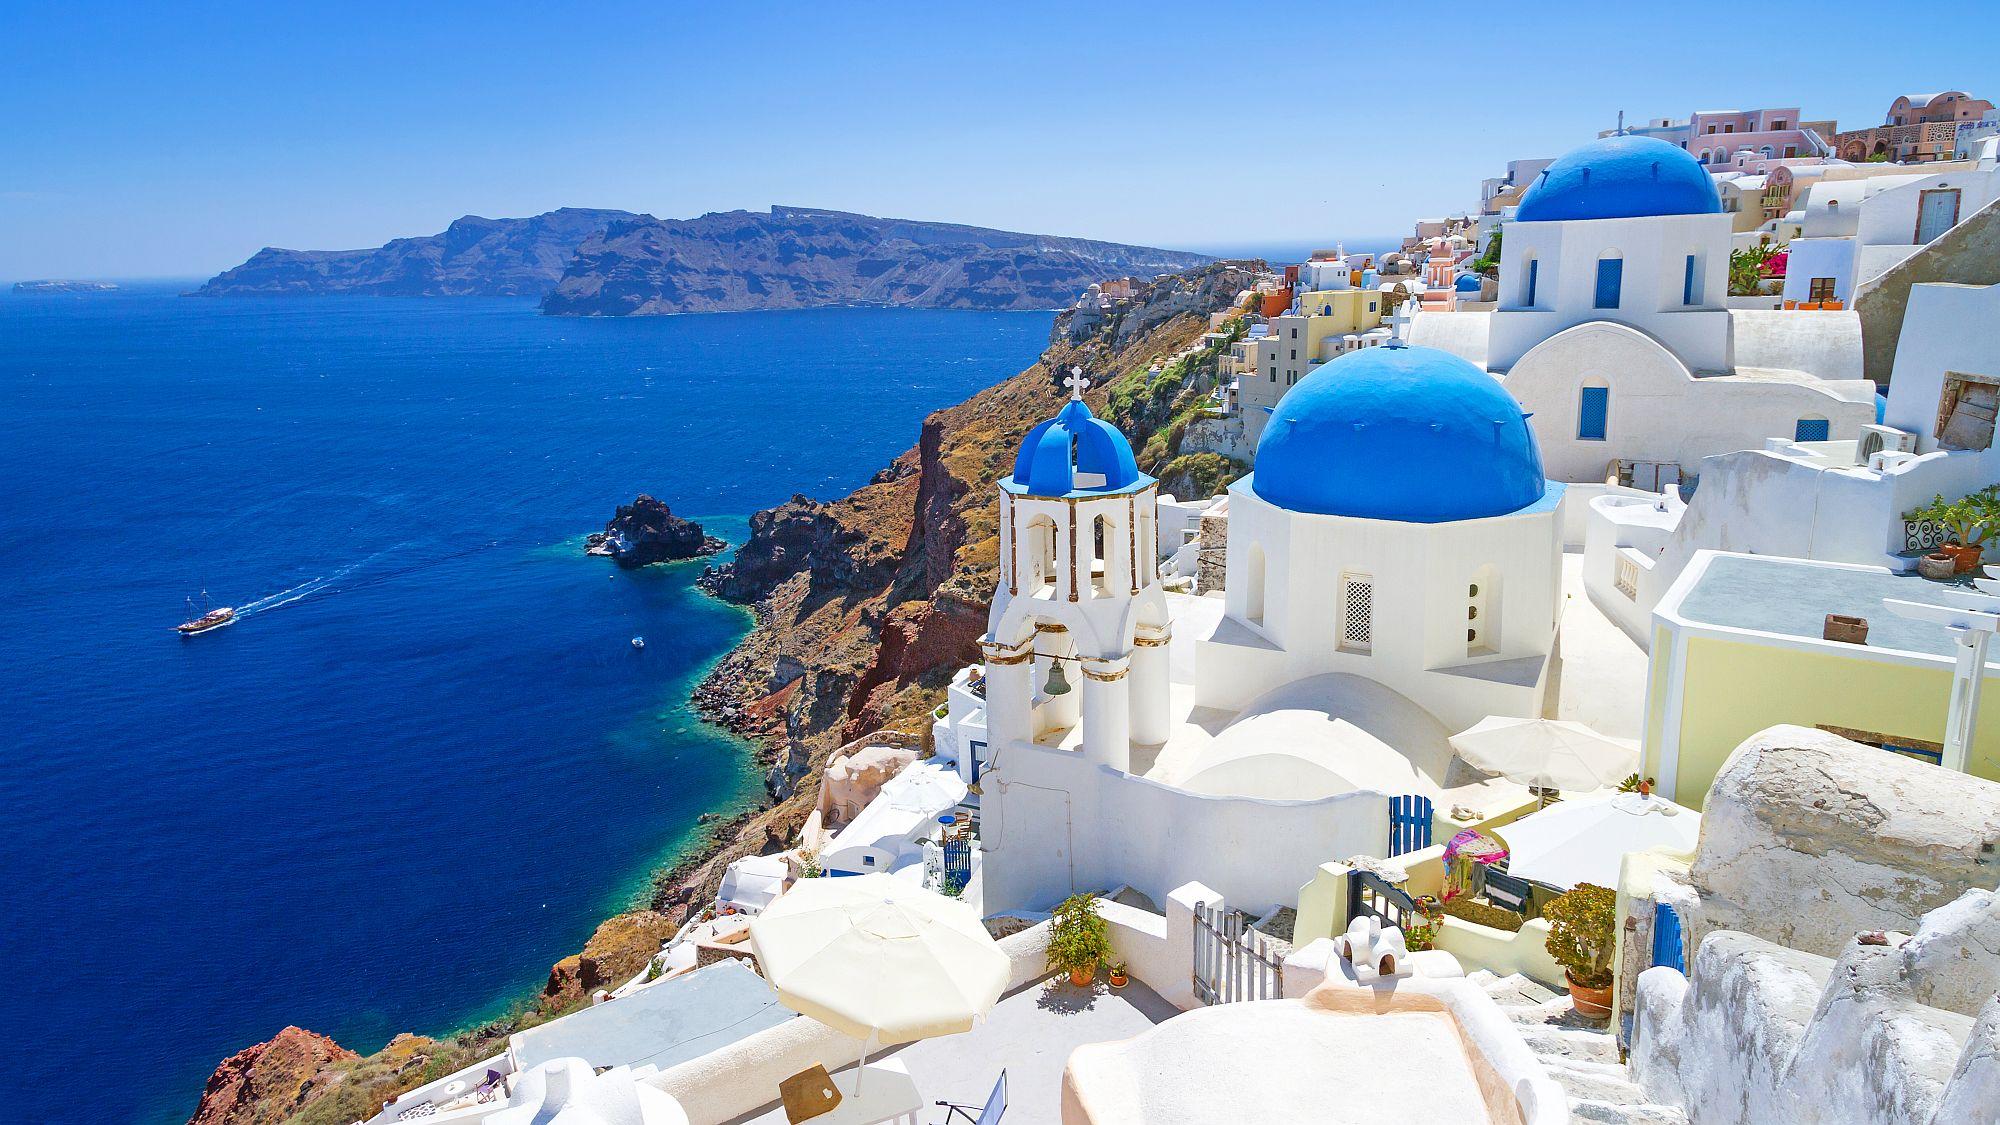 tur v greciju o eviya 21 018 rub chel - Тур в Грецию о. Эвия 21 018 руб. чел.